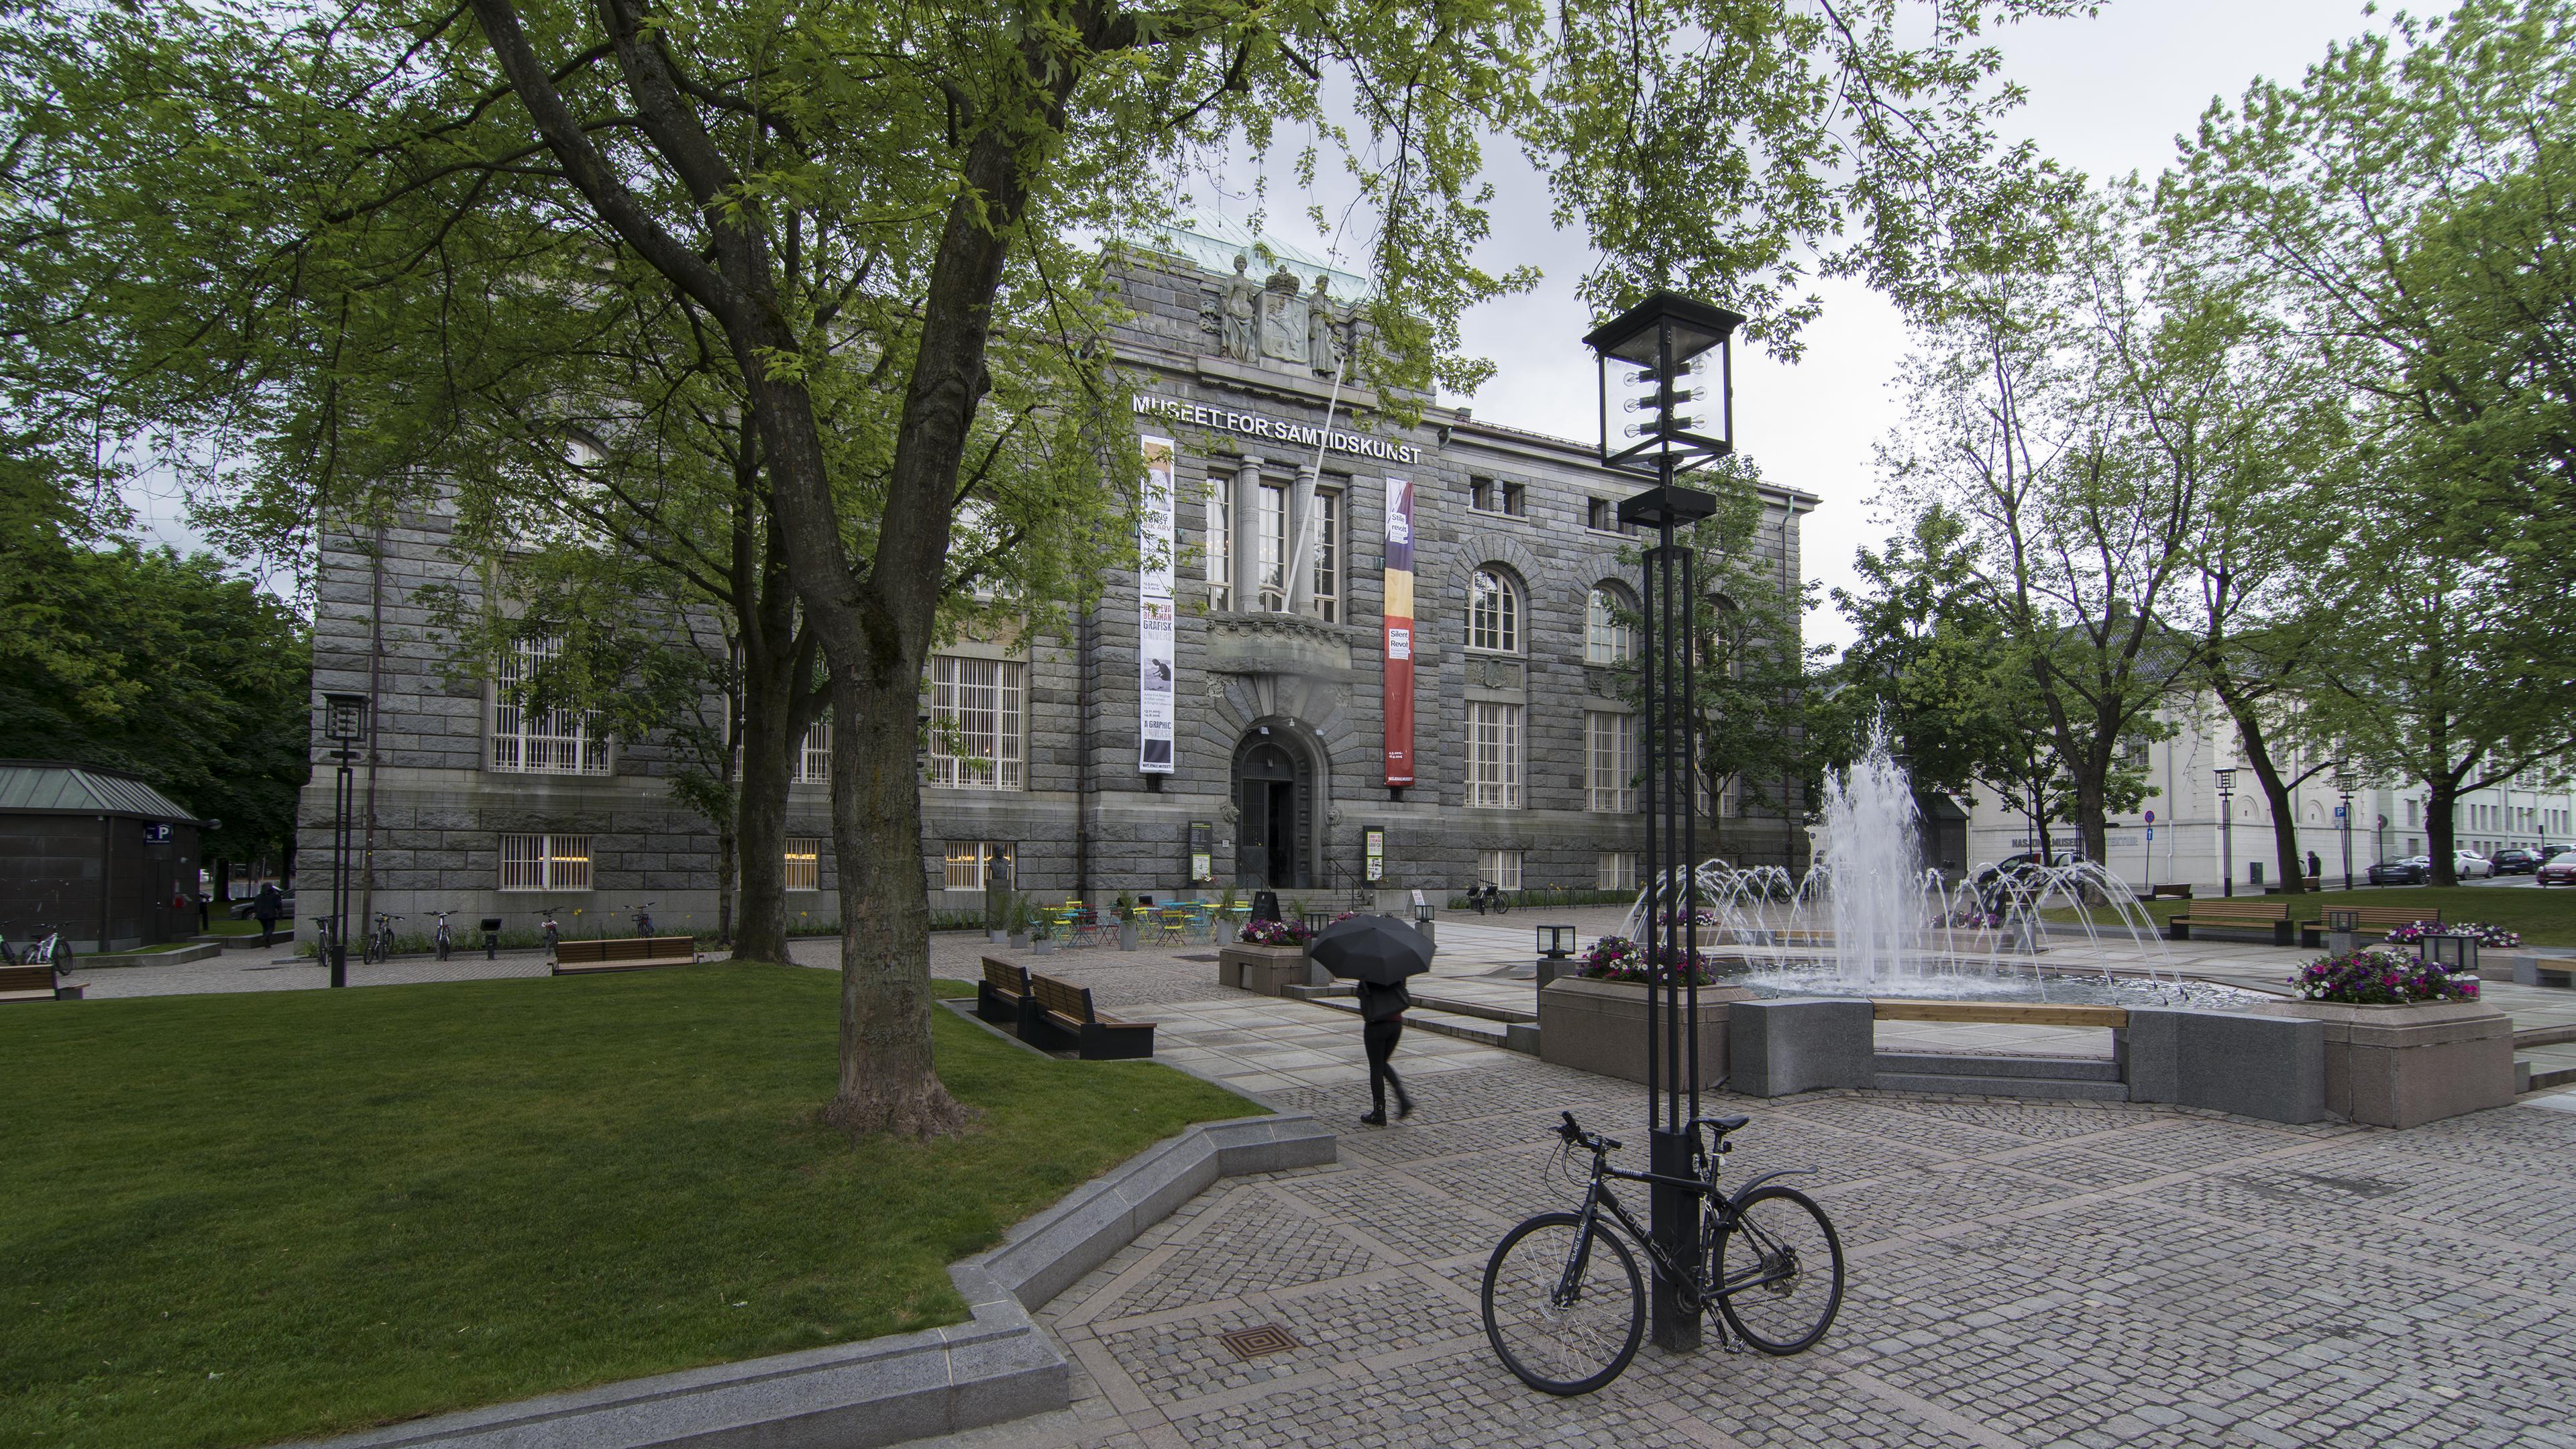 Bilde av Bankplassen 4 i Oslo, tidligere hovedkontor for Norges Bank. Nå holder Museet for samtidskunst til i bygningen. Bygget er dekket med grovhygget mørk granitt, den har rundbuede vinduer og rundbuet inngangsdør, kobbertak og dekorert med søyler, statuer og ornamenter. Foto: Dagfinn Rasmussen Riksantikvaren